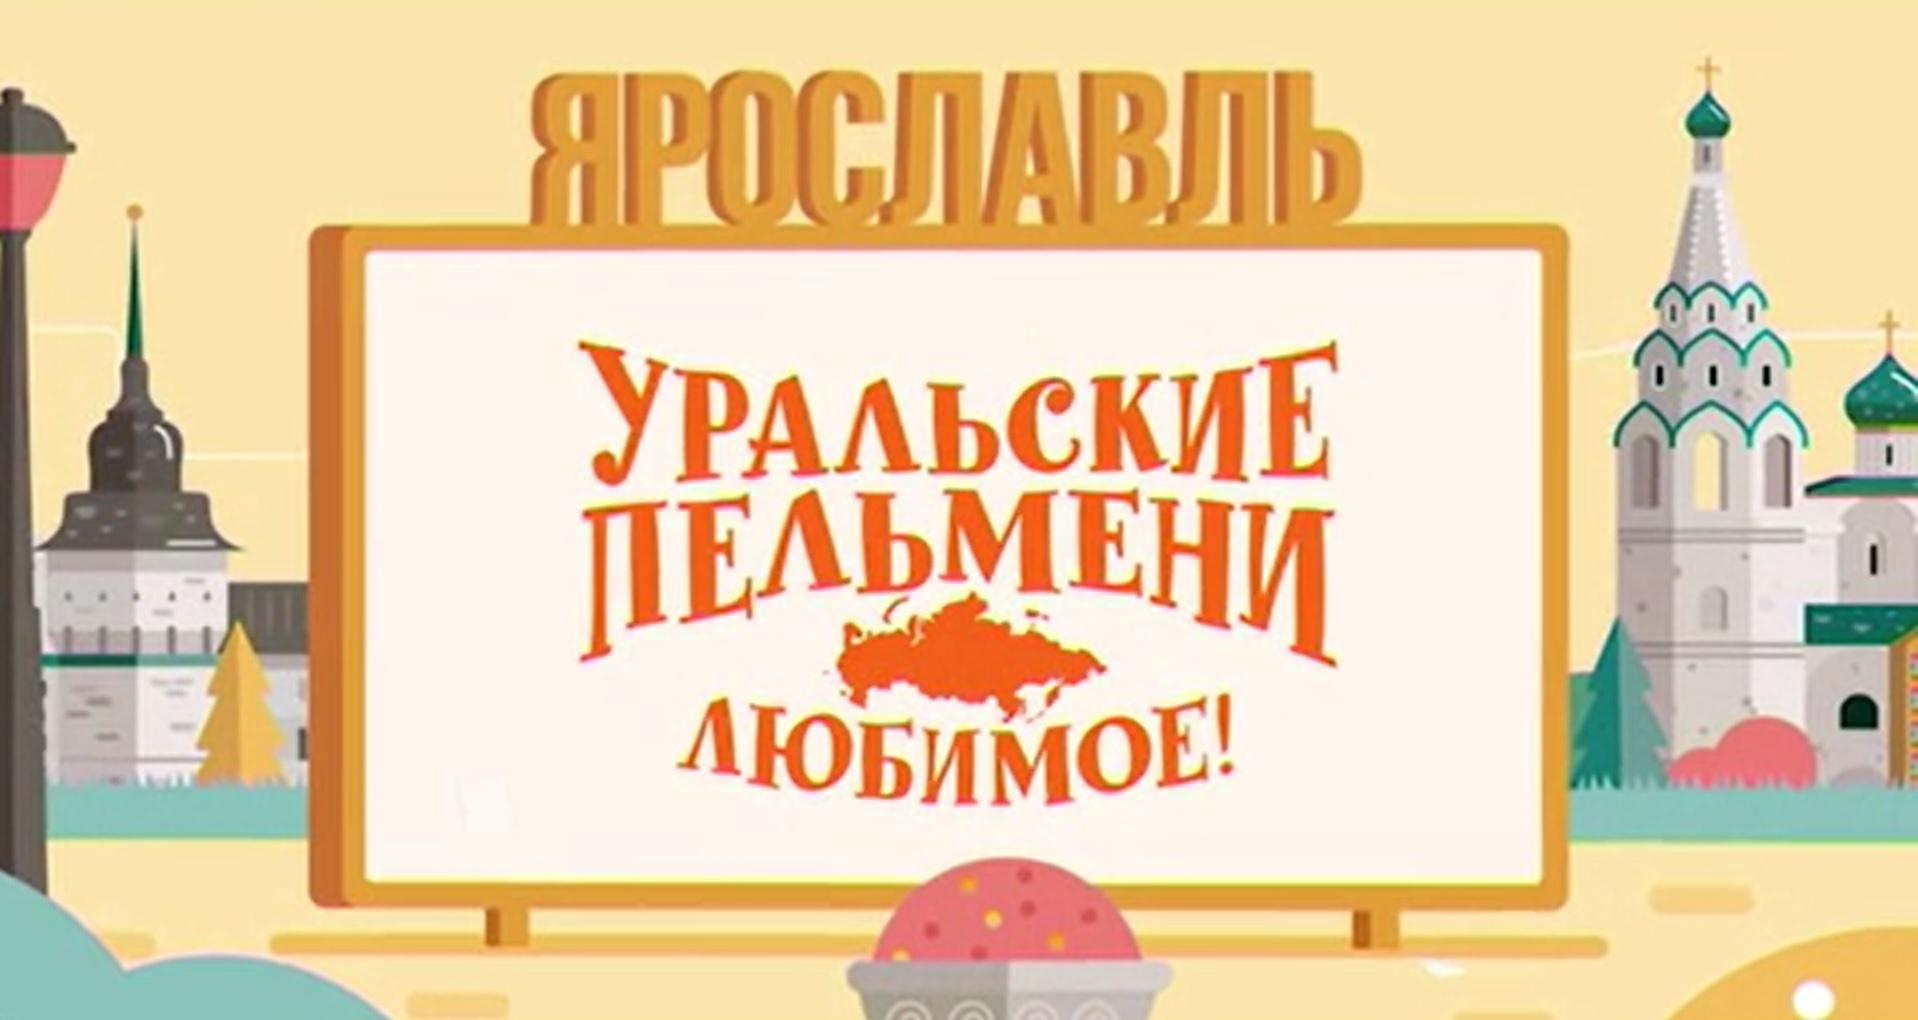 Творческий коллектив Уральские Пельмени Уральские пельмени. Любимое. Ярославль творческий коллектив уральские пельмени уральские пельмени любимое тольятти